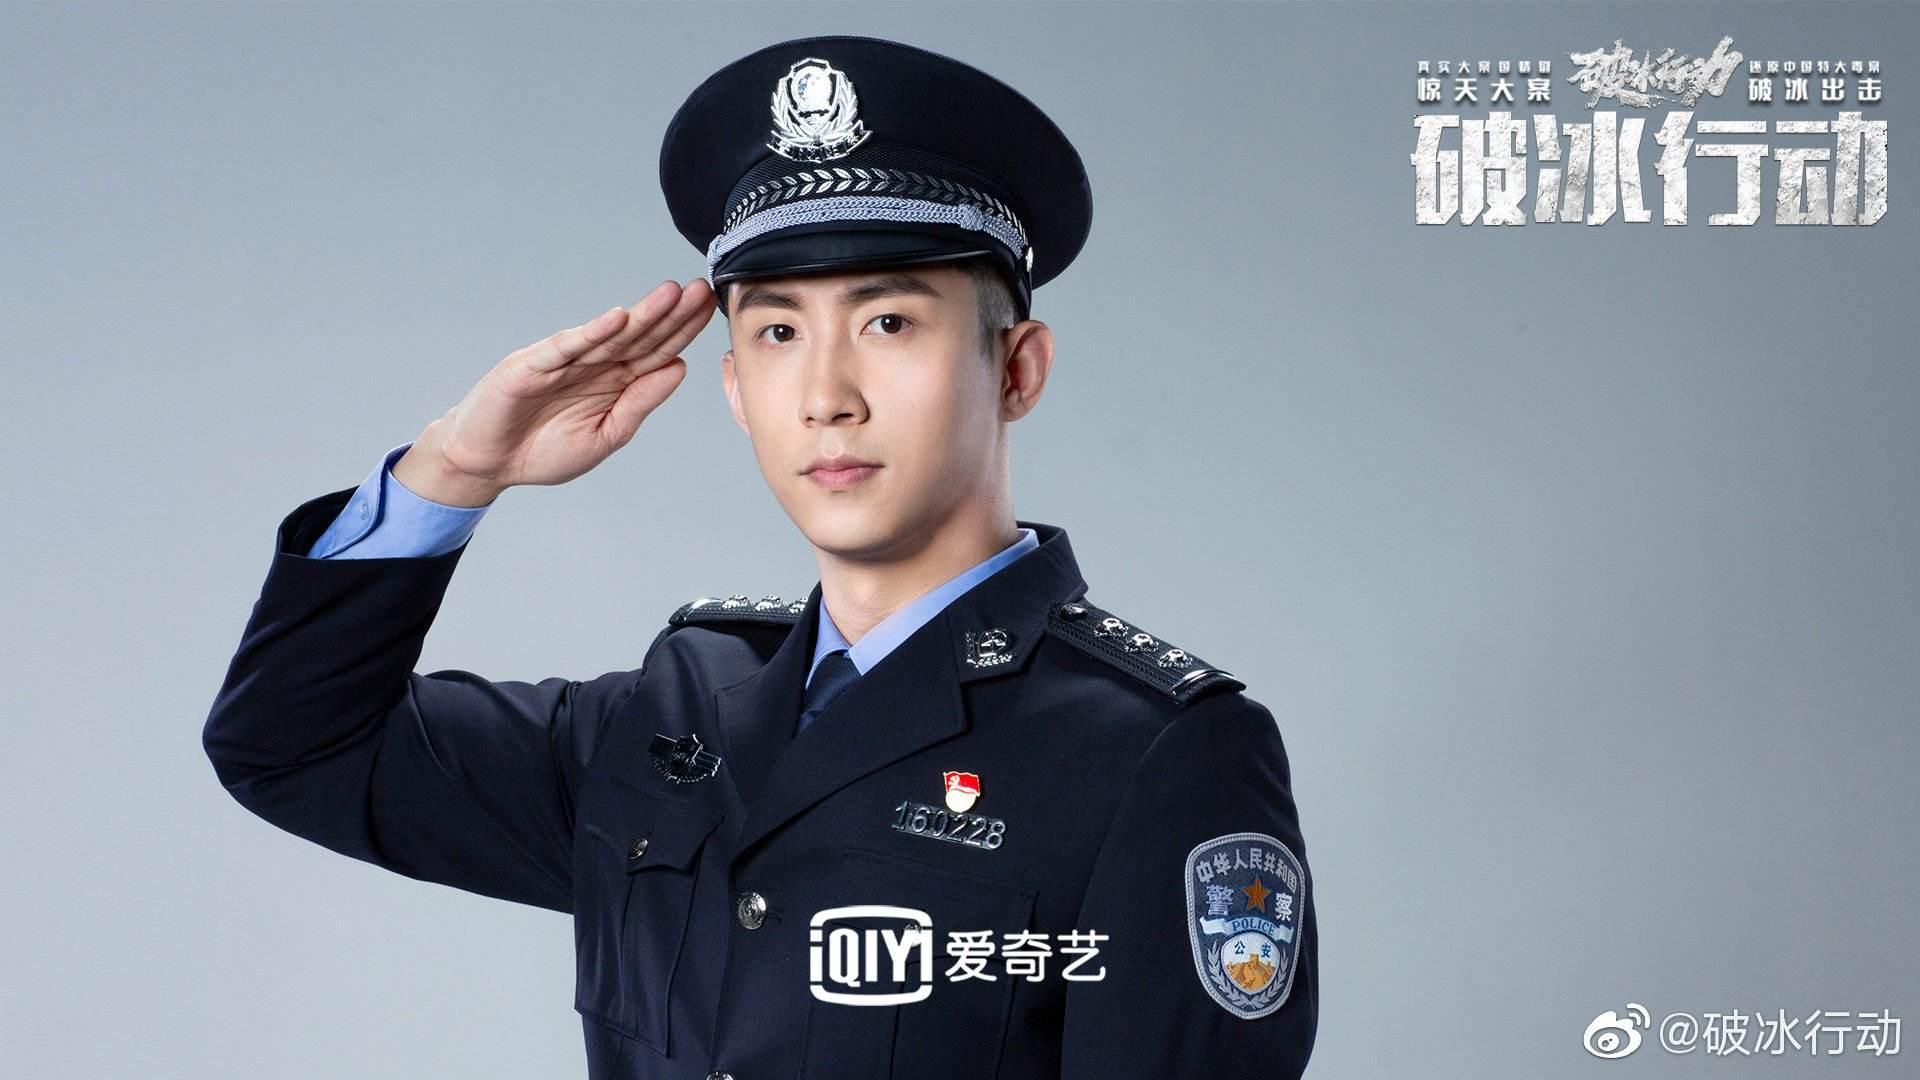 警服壁纸 个性警察头像图片 警察壁纸高清图片 警察专属高清壁纸